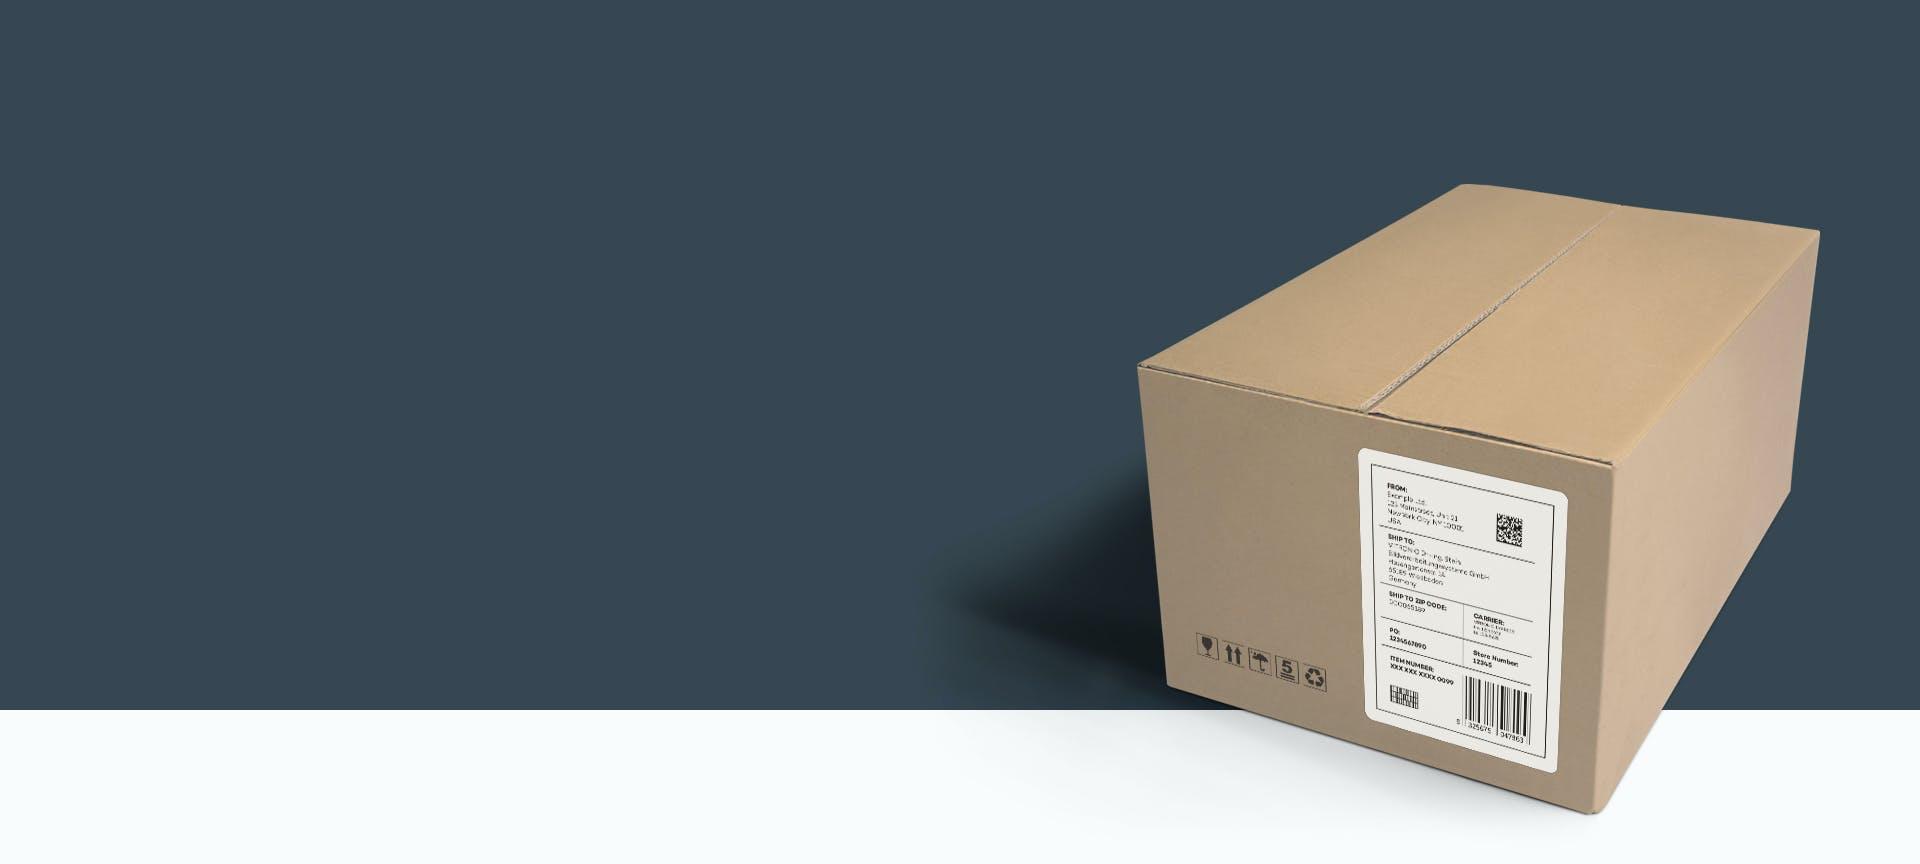 Ein Paket mit Adressaufkleber vor grauem Hintergrund